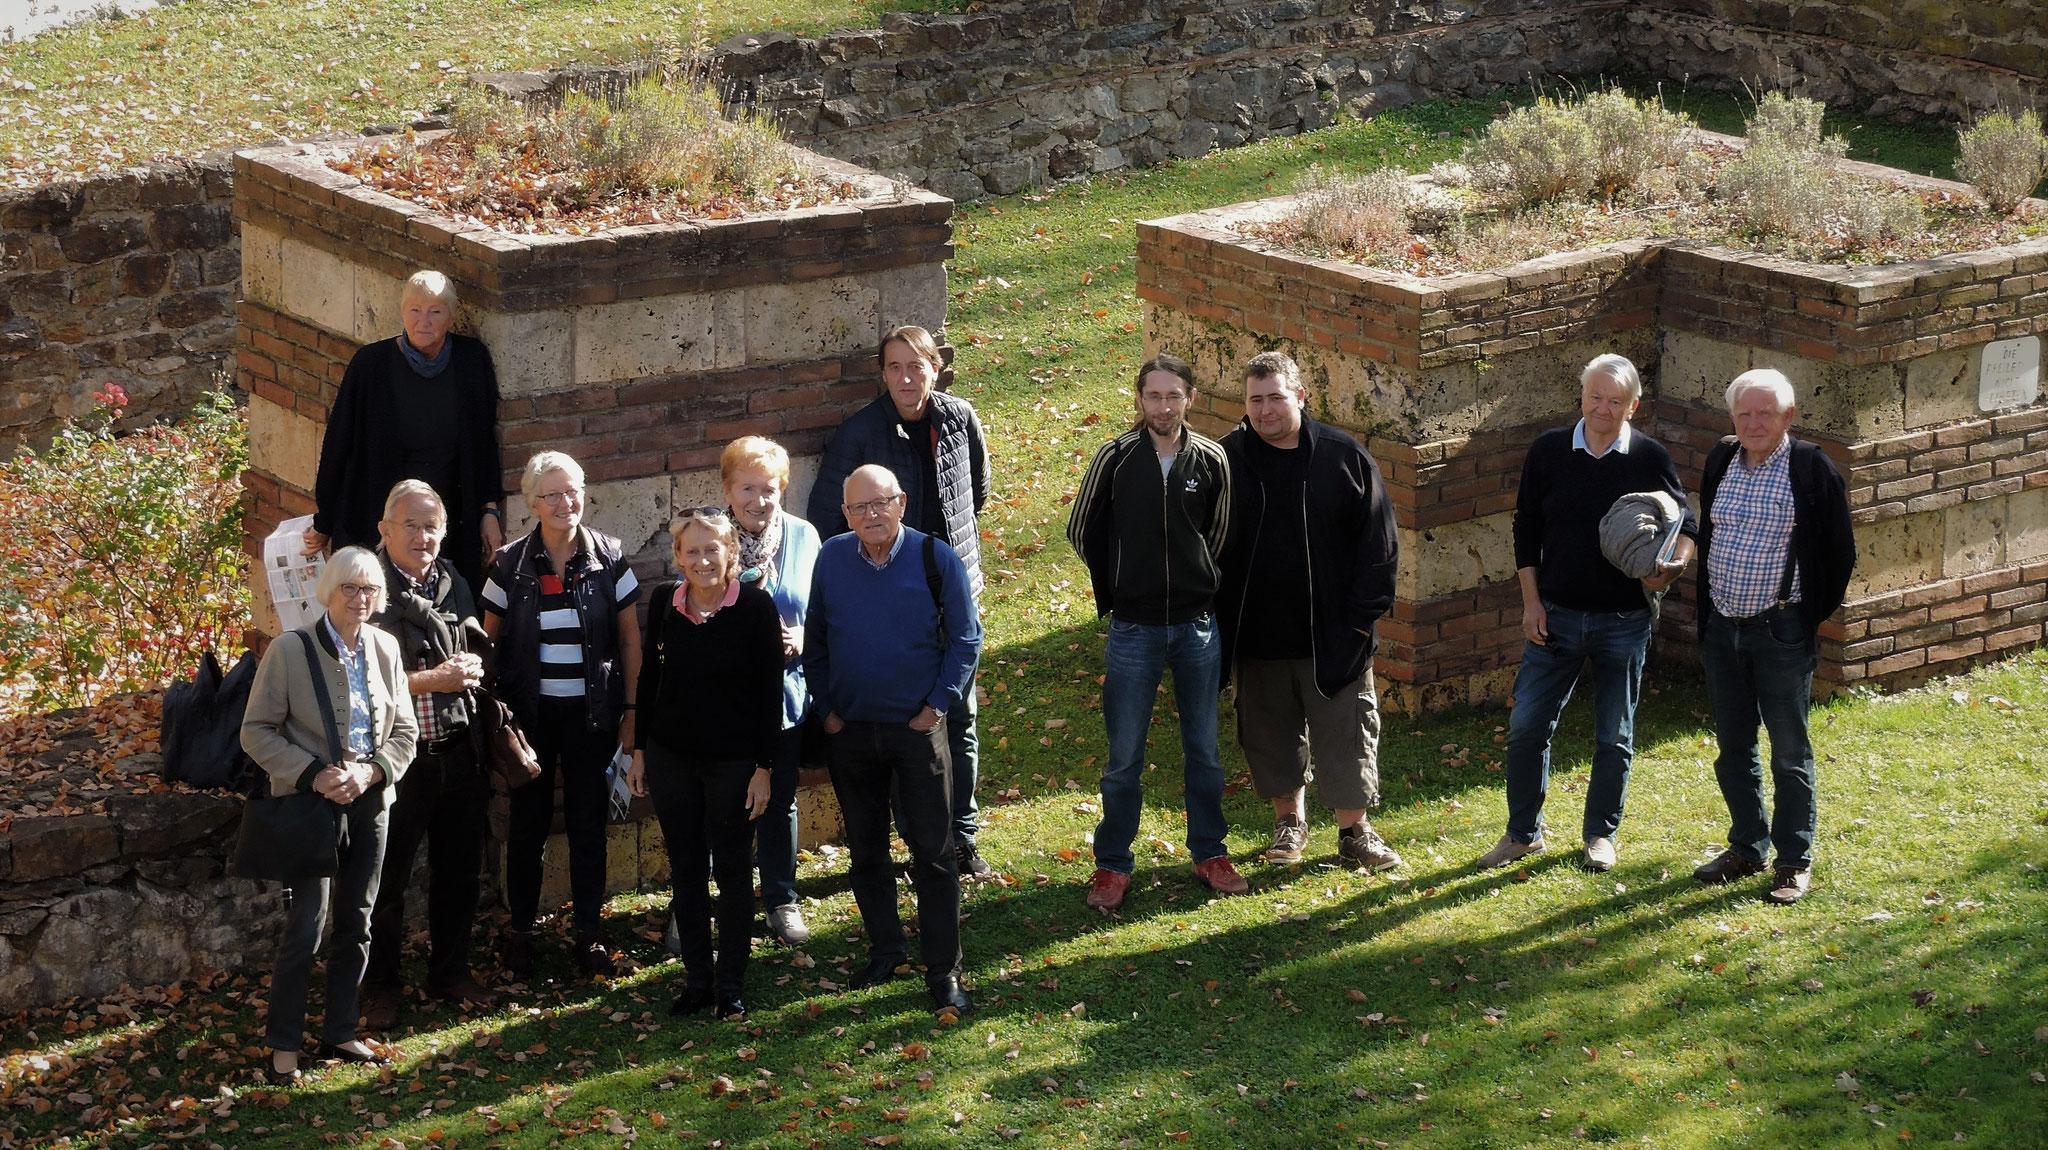 """Unsere Gruppe auf Entdeckungsreise in Passau - in den Resten des Kastells """"Boitro"""" ©B. Bichler"""